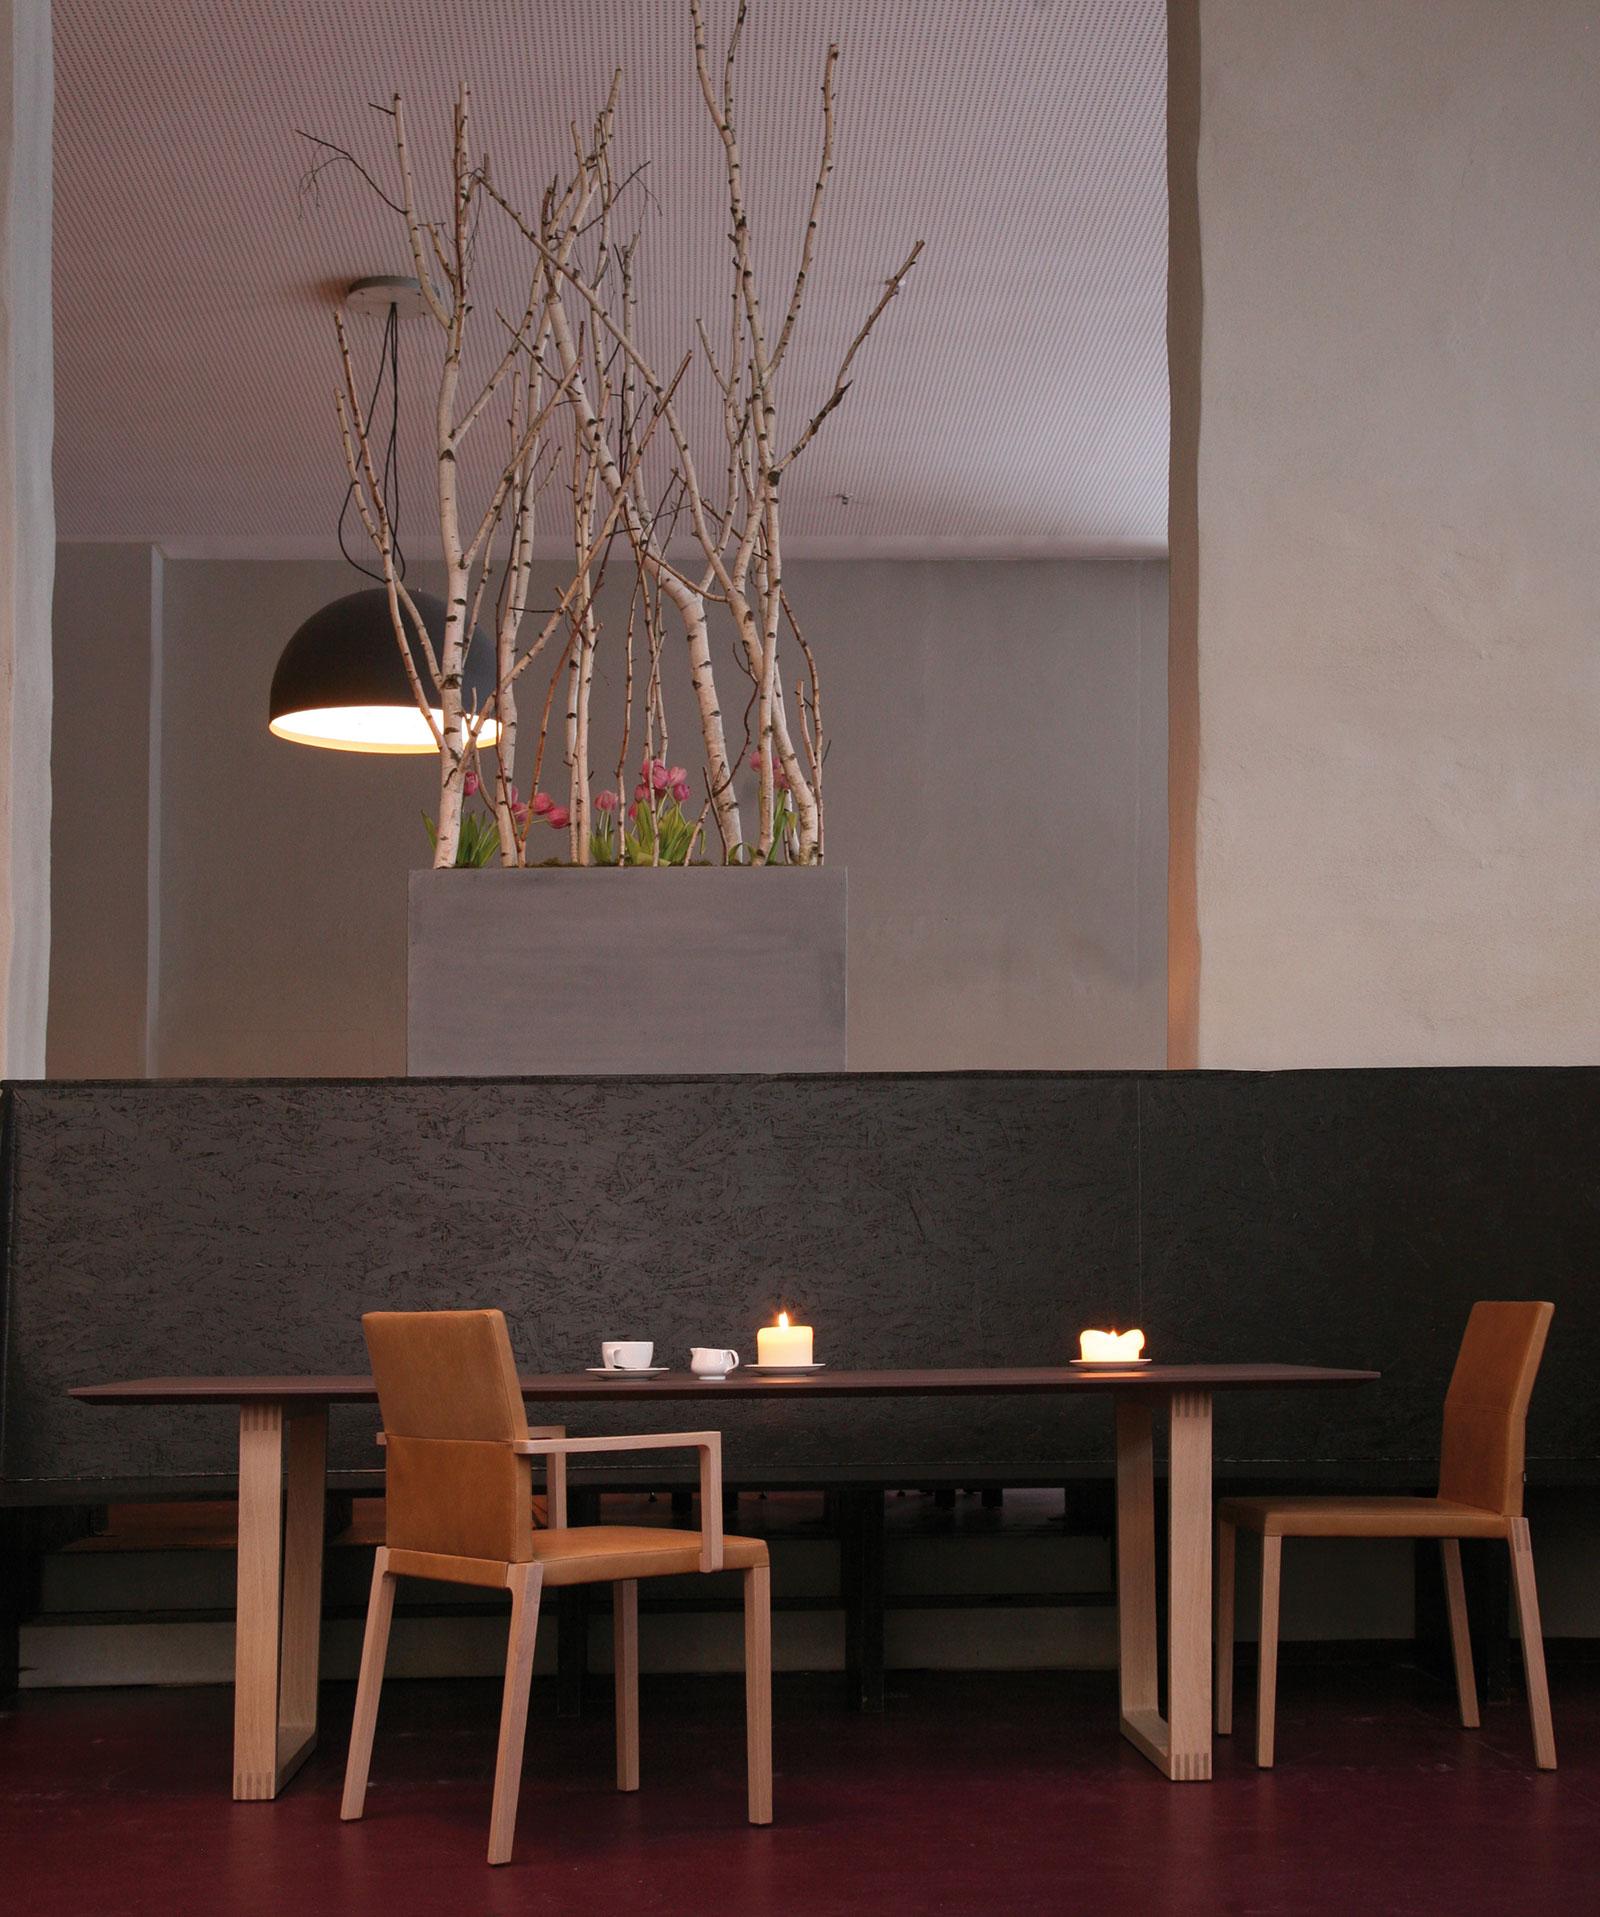 Full Size of Designer Badezimmer Esstische Ausziehbar Runde Lampen Esstisch Design Küche Industriedesign Rund Moderne Bett Modern Esstische Esstische Design